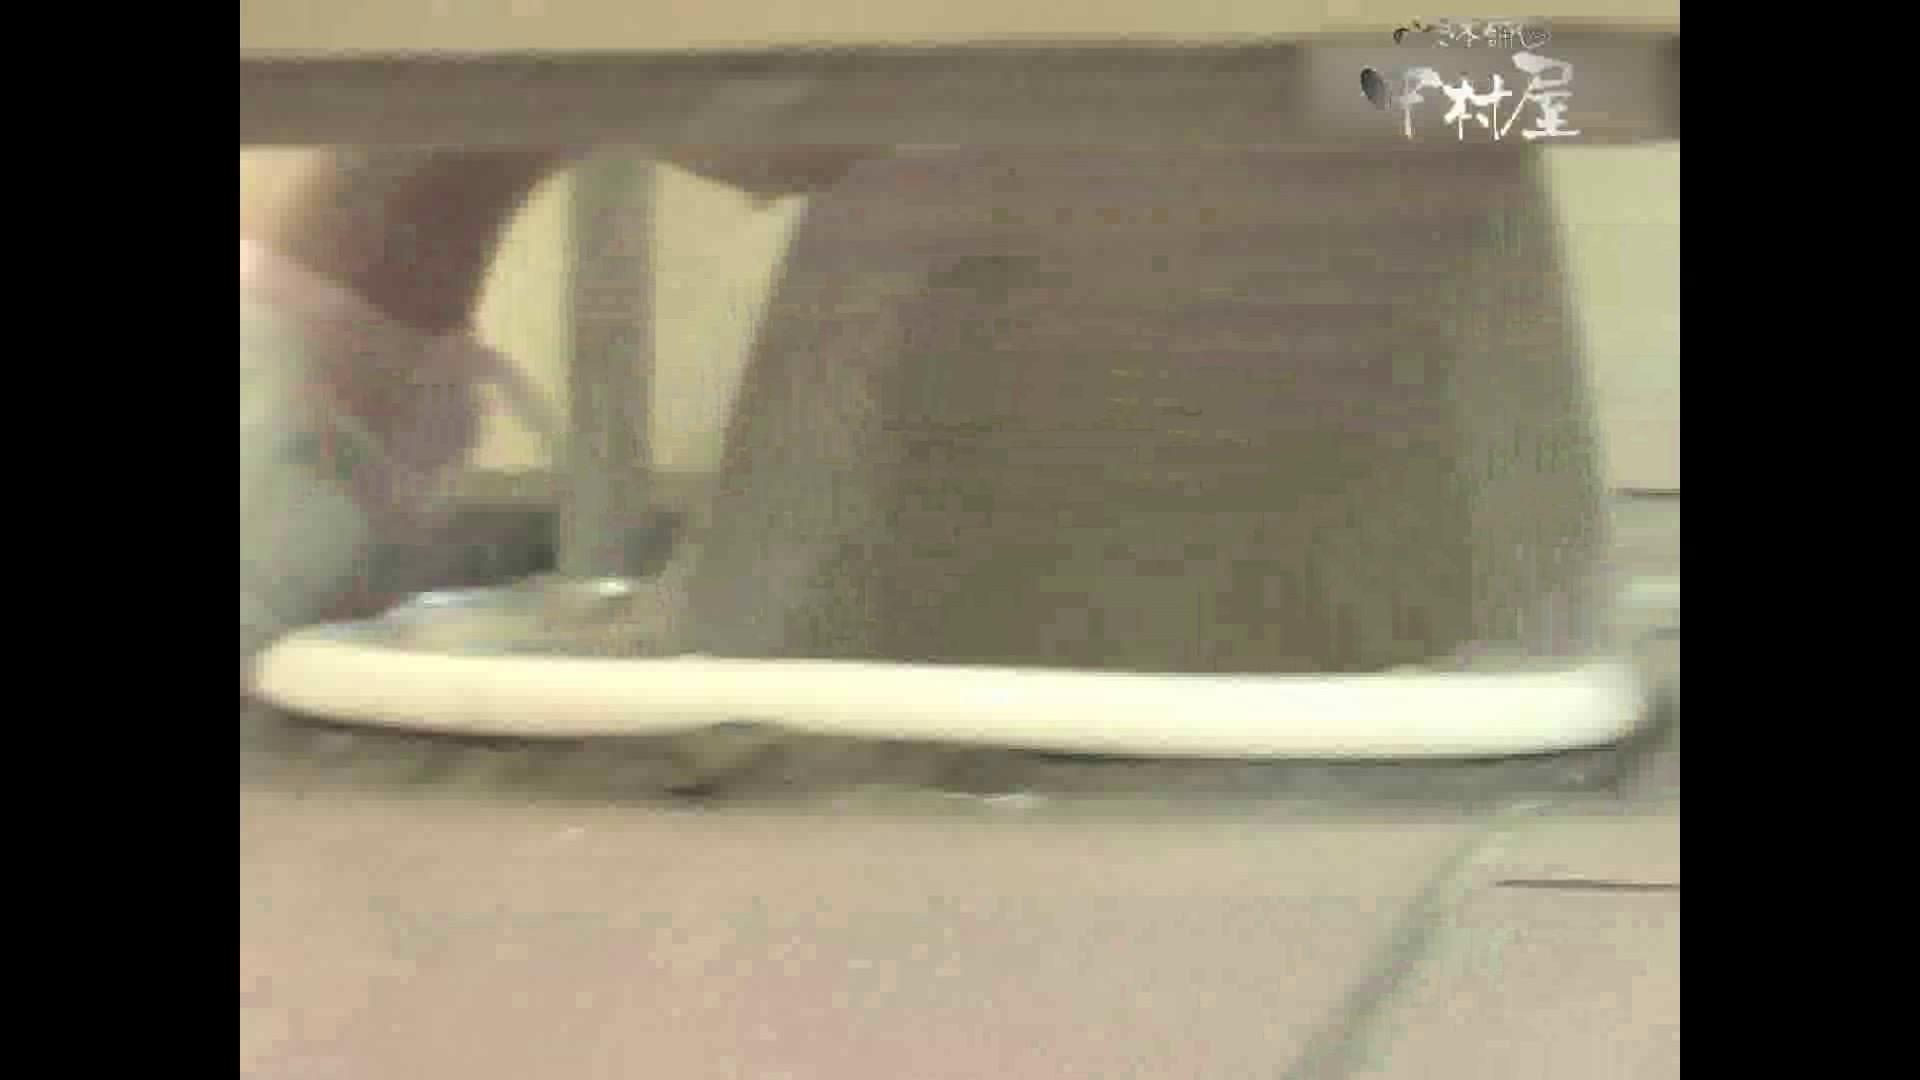 岩手県在住盗撮師盗撮記録vol.23 お姉さんヌード 隠し撮りオマンコ動画紹介 61画像 52